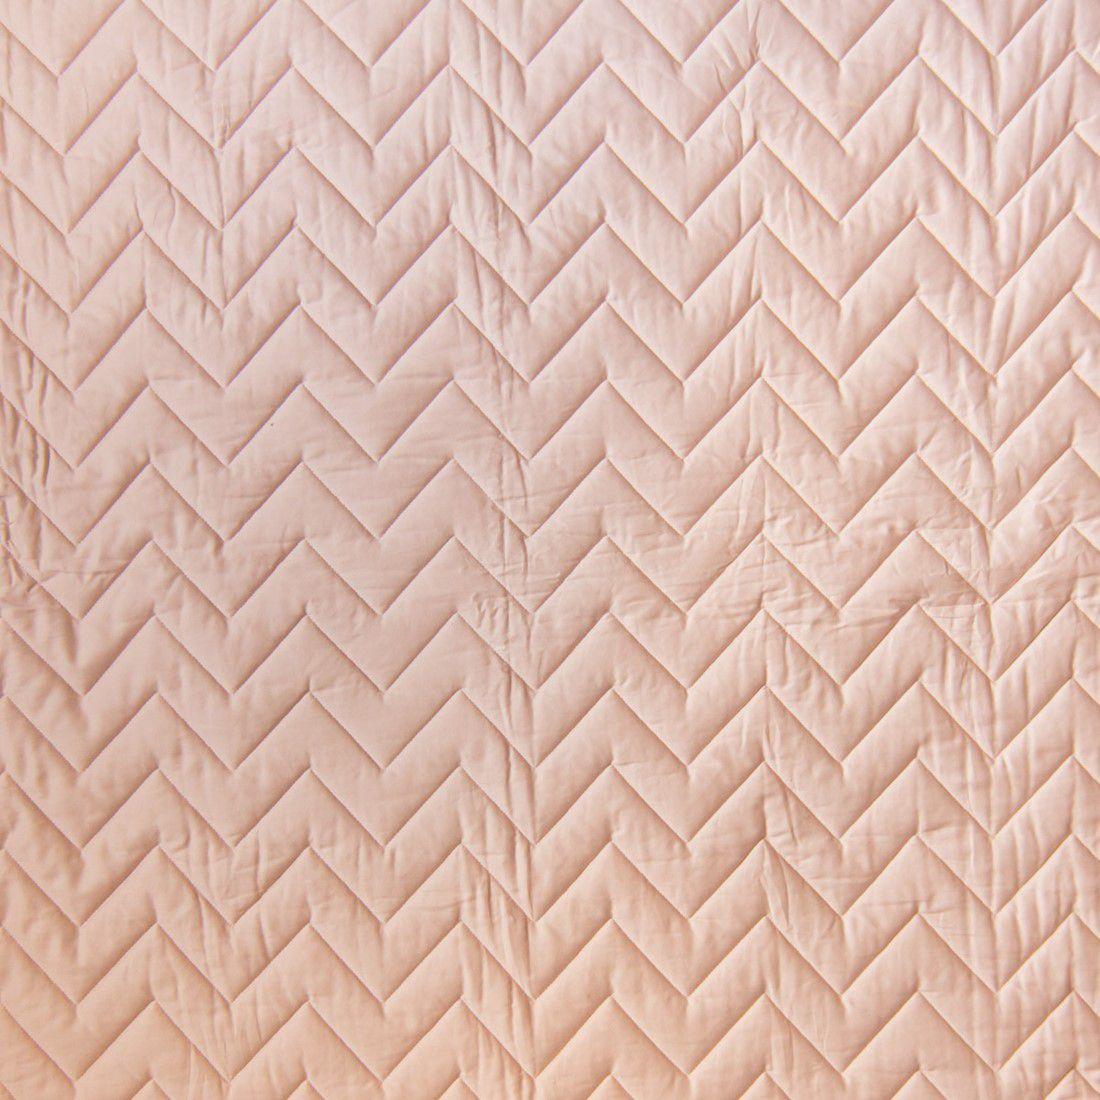 Colcha Com Elástico Percal 200 Fios Chevron Rosa Nude